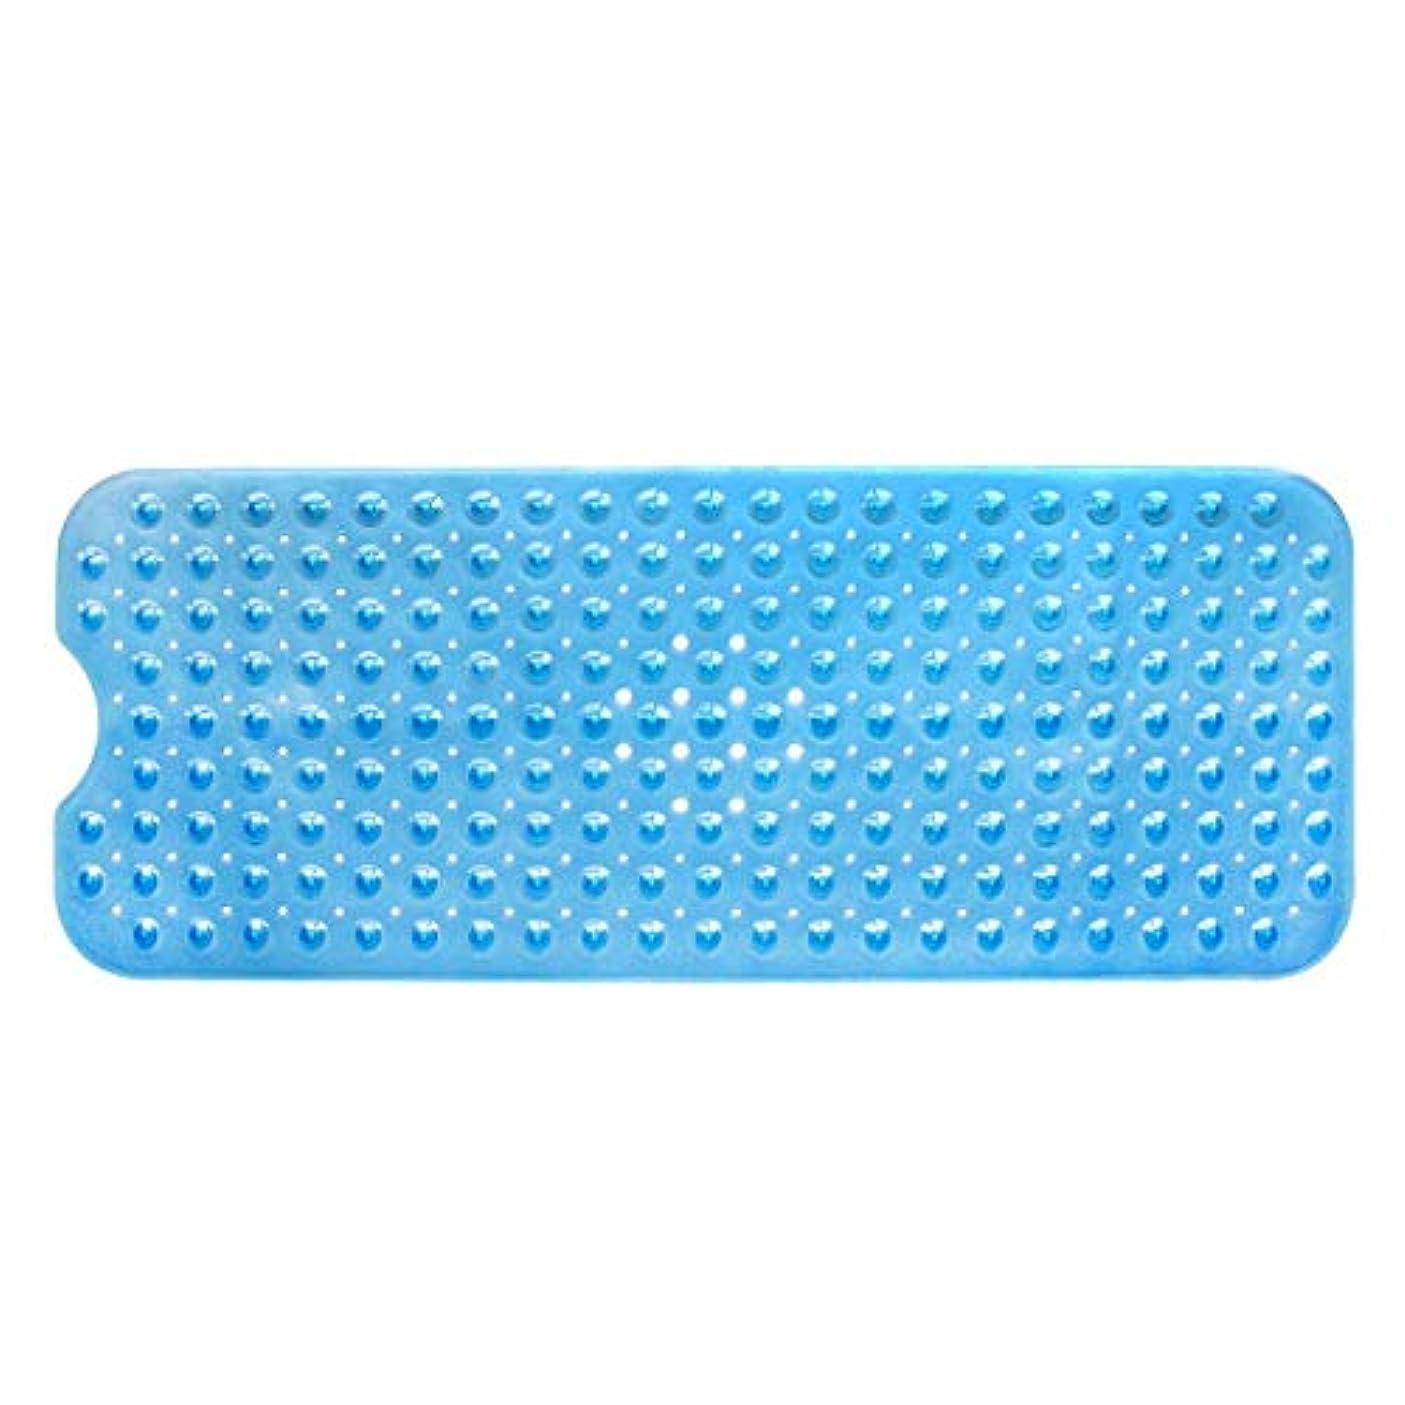 エトナ山傑作十代の若者たちSwiftgood エクストラロングバスタブマットカビ抵抗性滑り止めバスマット洗濯機用浴室用洗えるPVCシャワーマット15.7